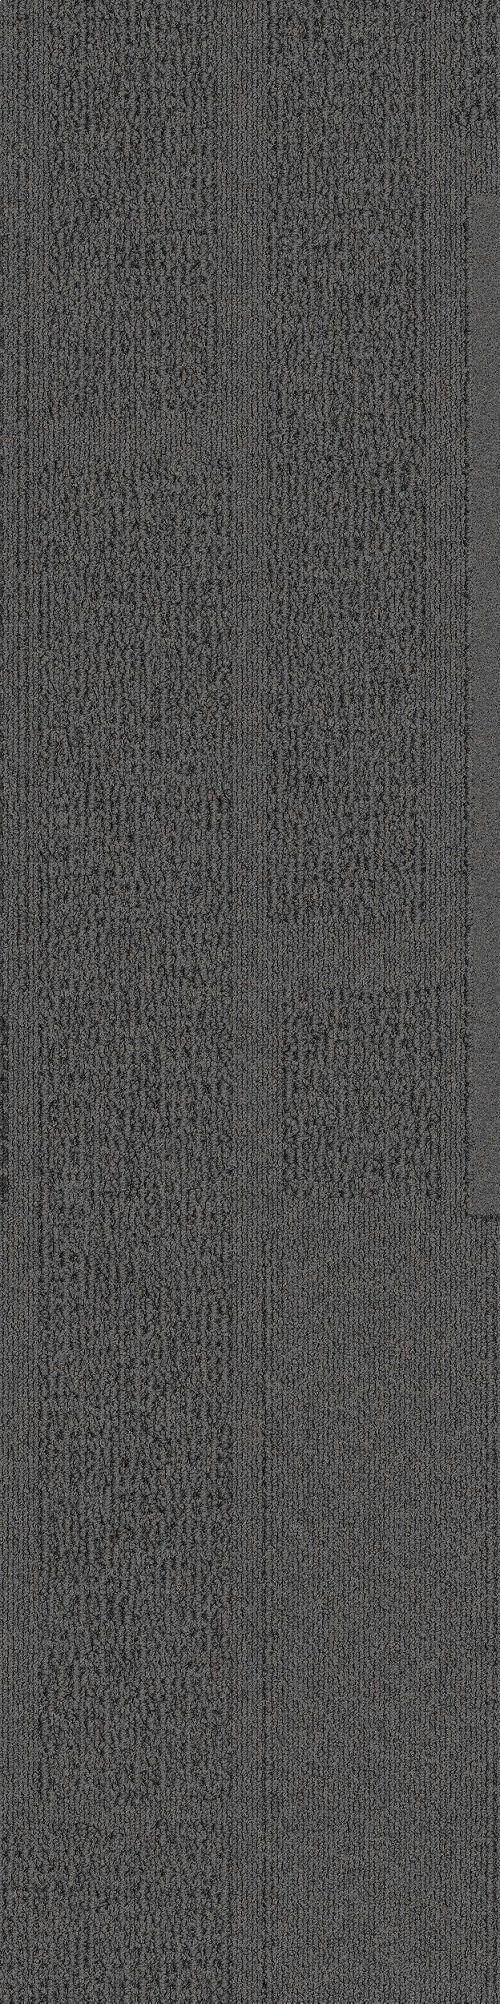 Interface carpet tile em552 color name hill ave variant 8 interface carpet tile em552 color name hill ave variant 8 baanklon Gallery